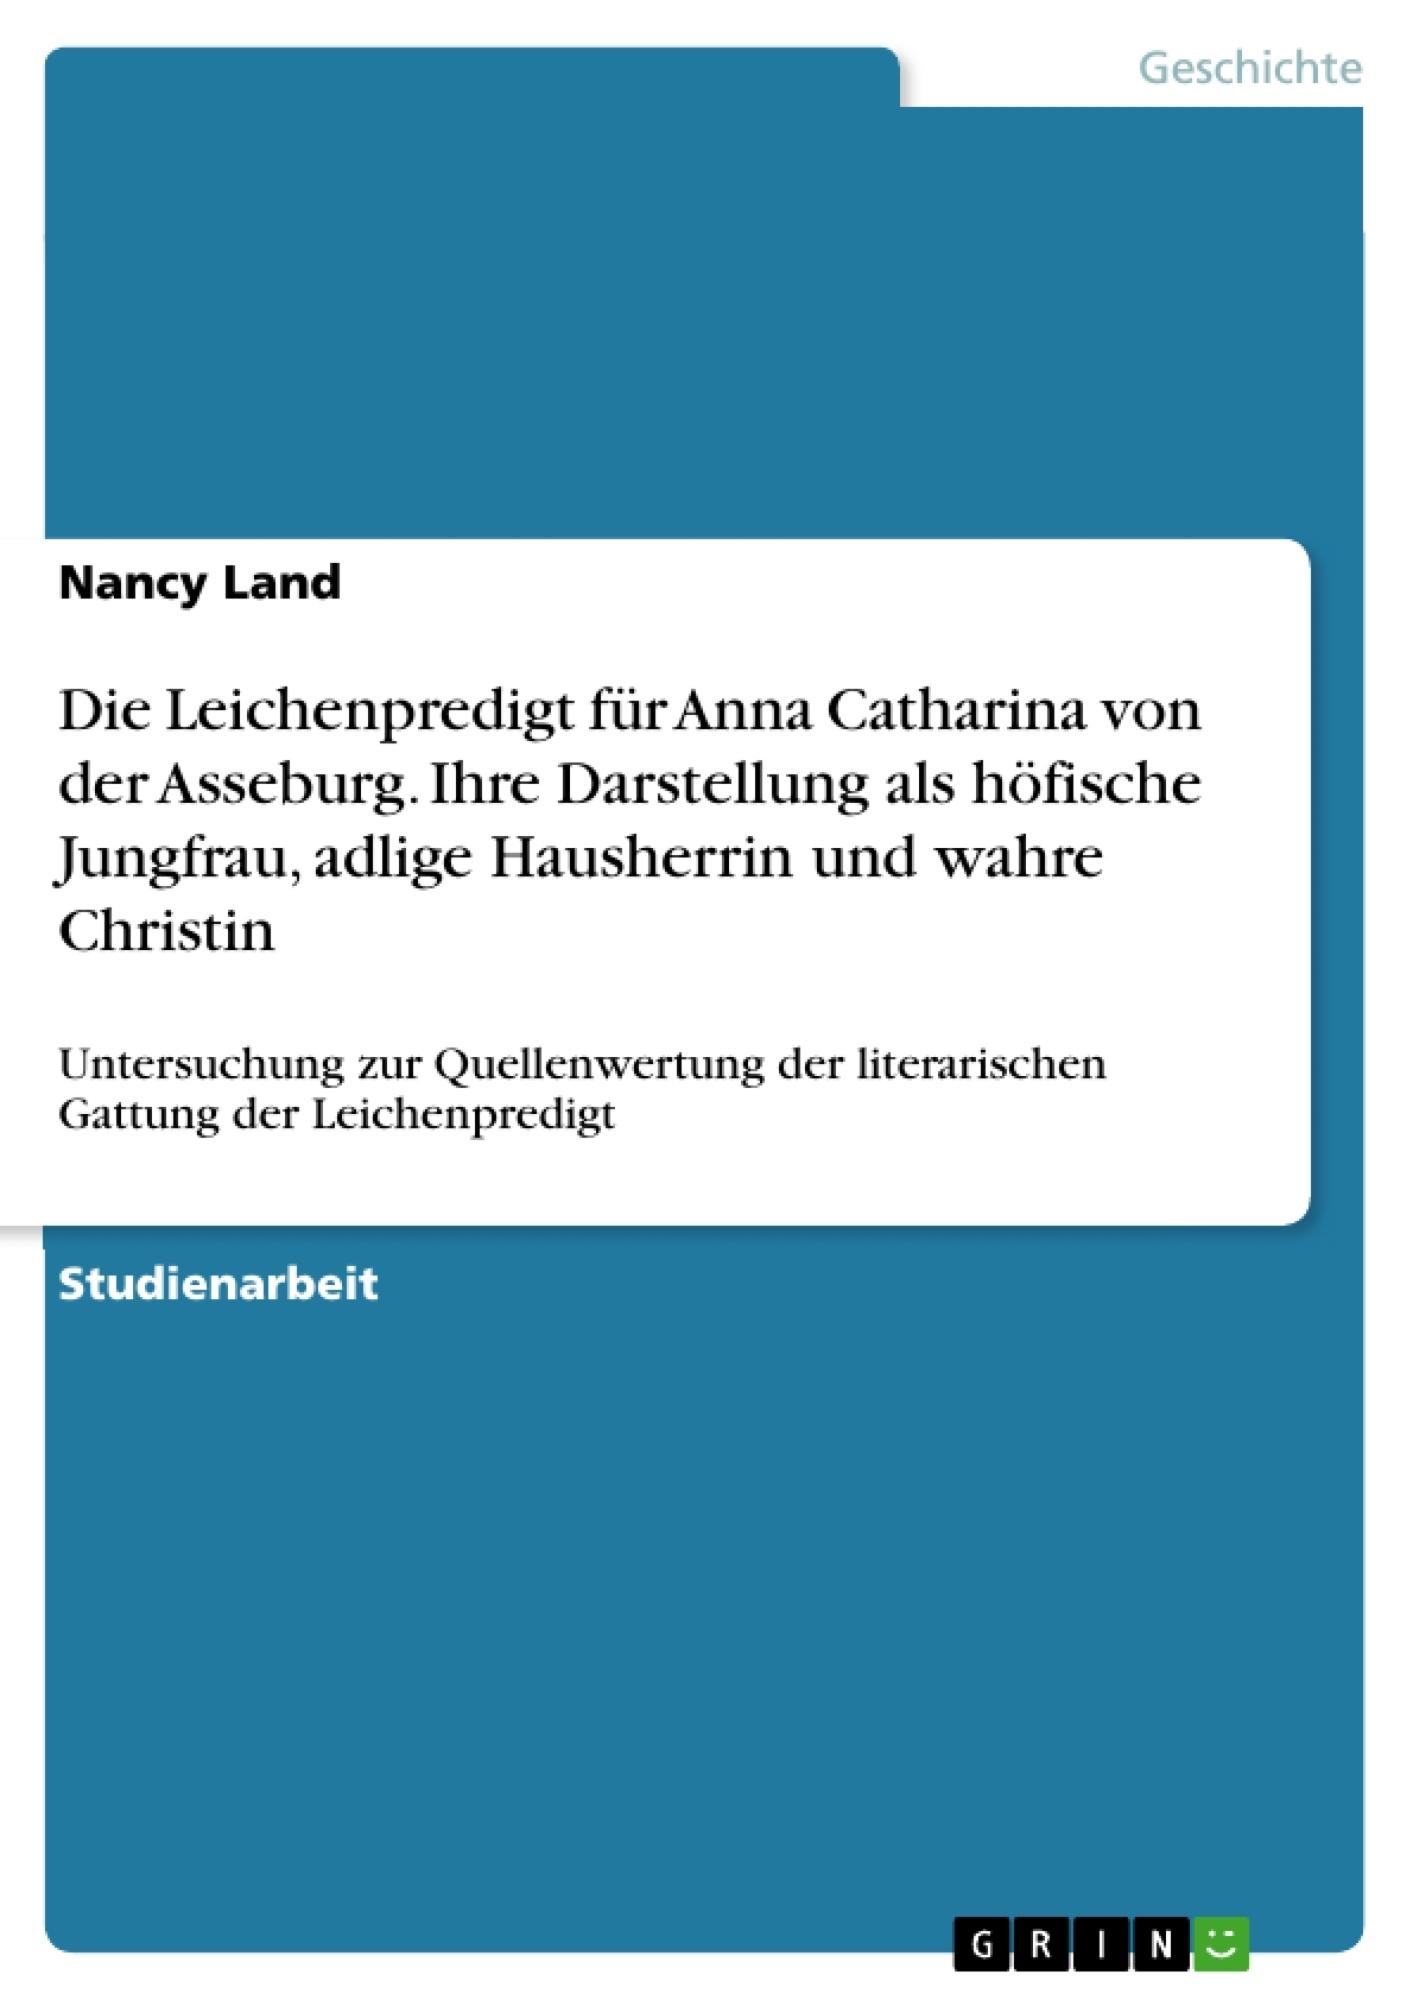 Titel: Die Leichenpredigt für Anna Catharina von der Asseburg. Ihre Darstellung als höfische Jungfrau, adlige Hausherrin und wahre Christin